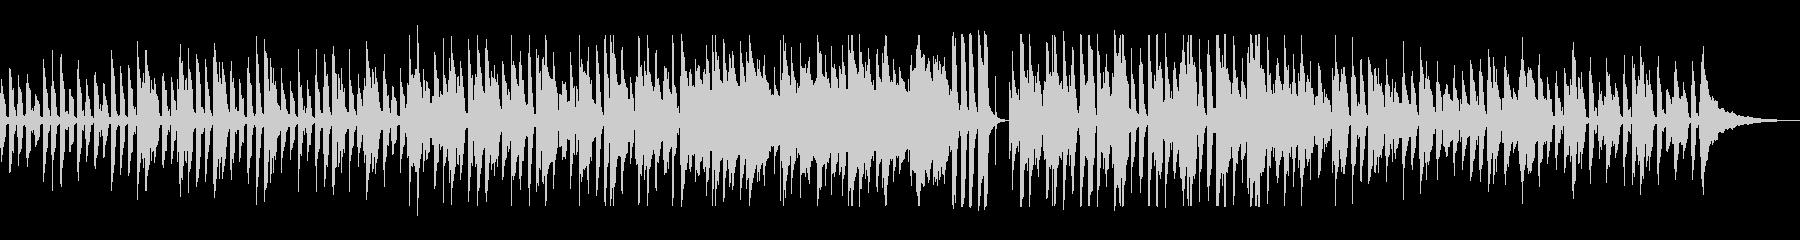 バンジョーと鍵盤ハーモニカのレトロポップの未再生の波形